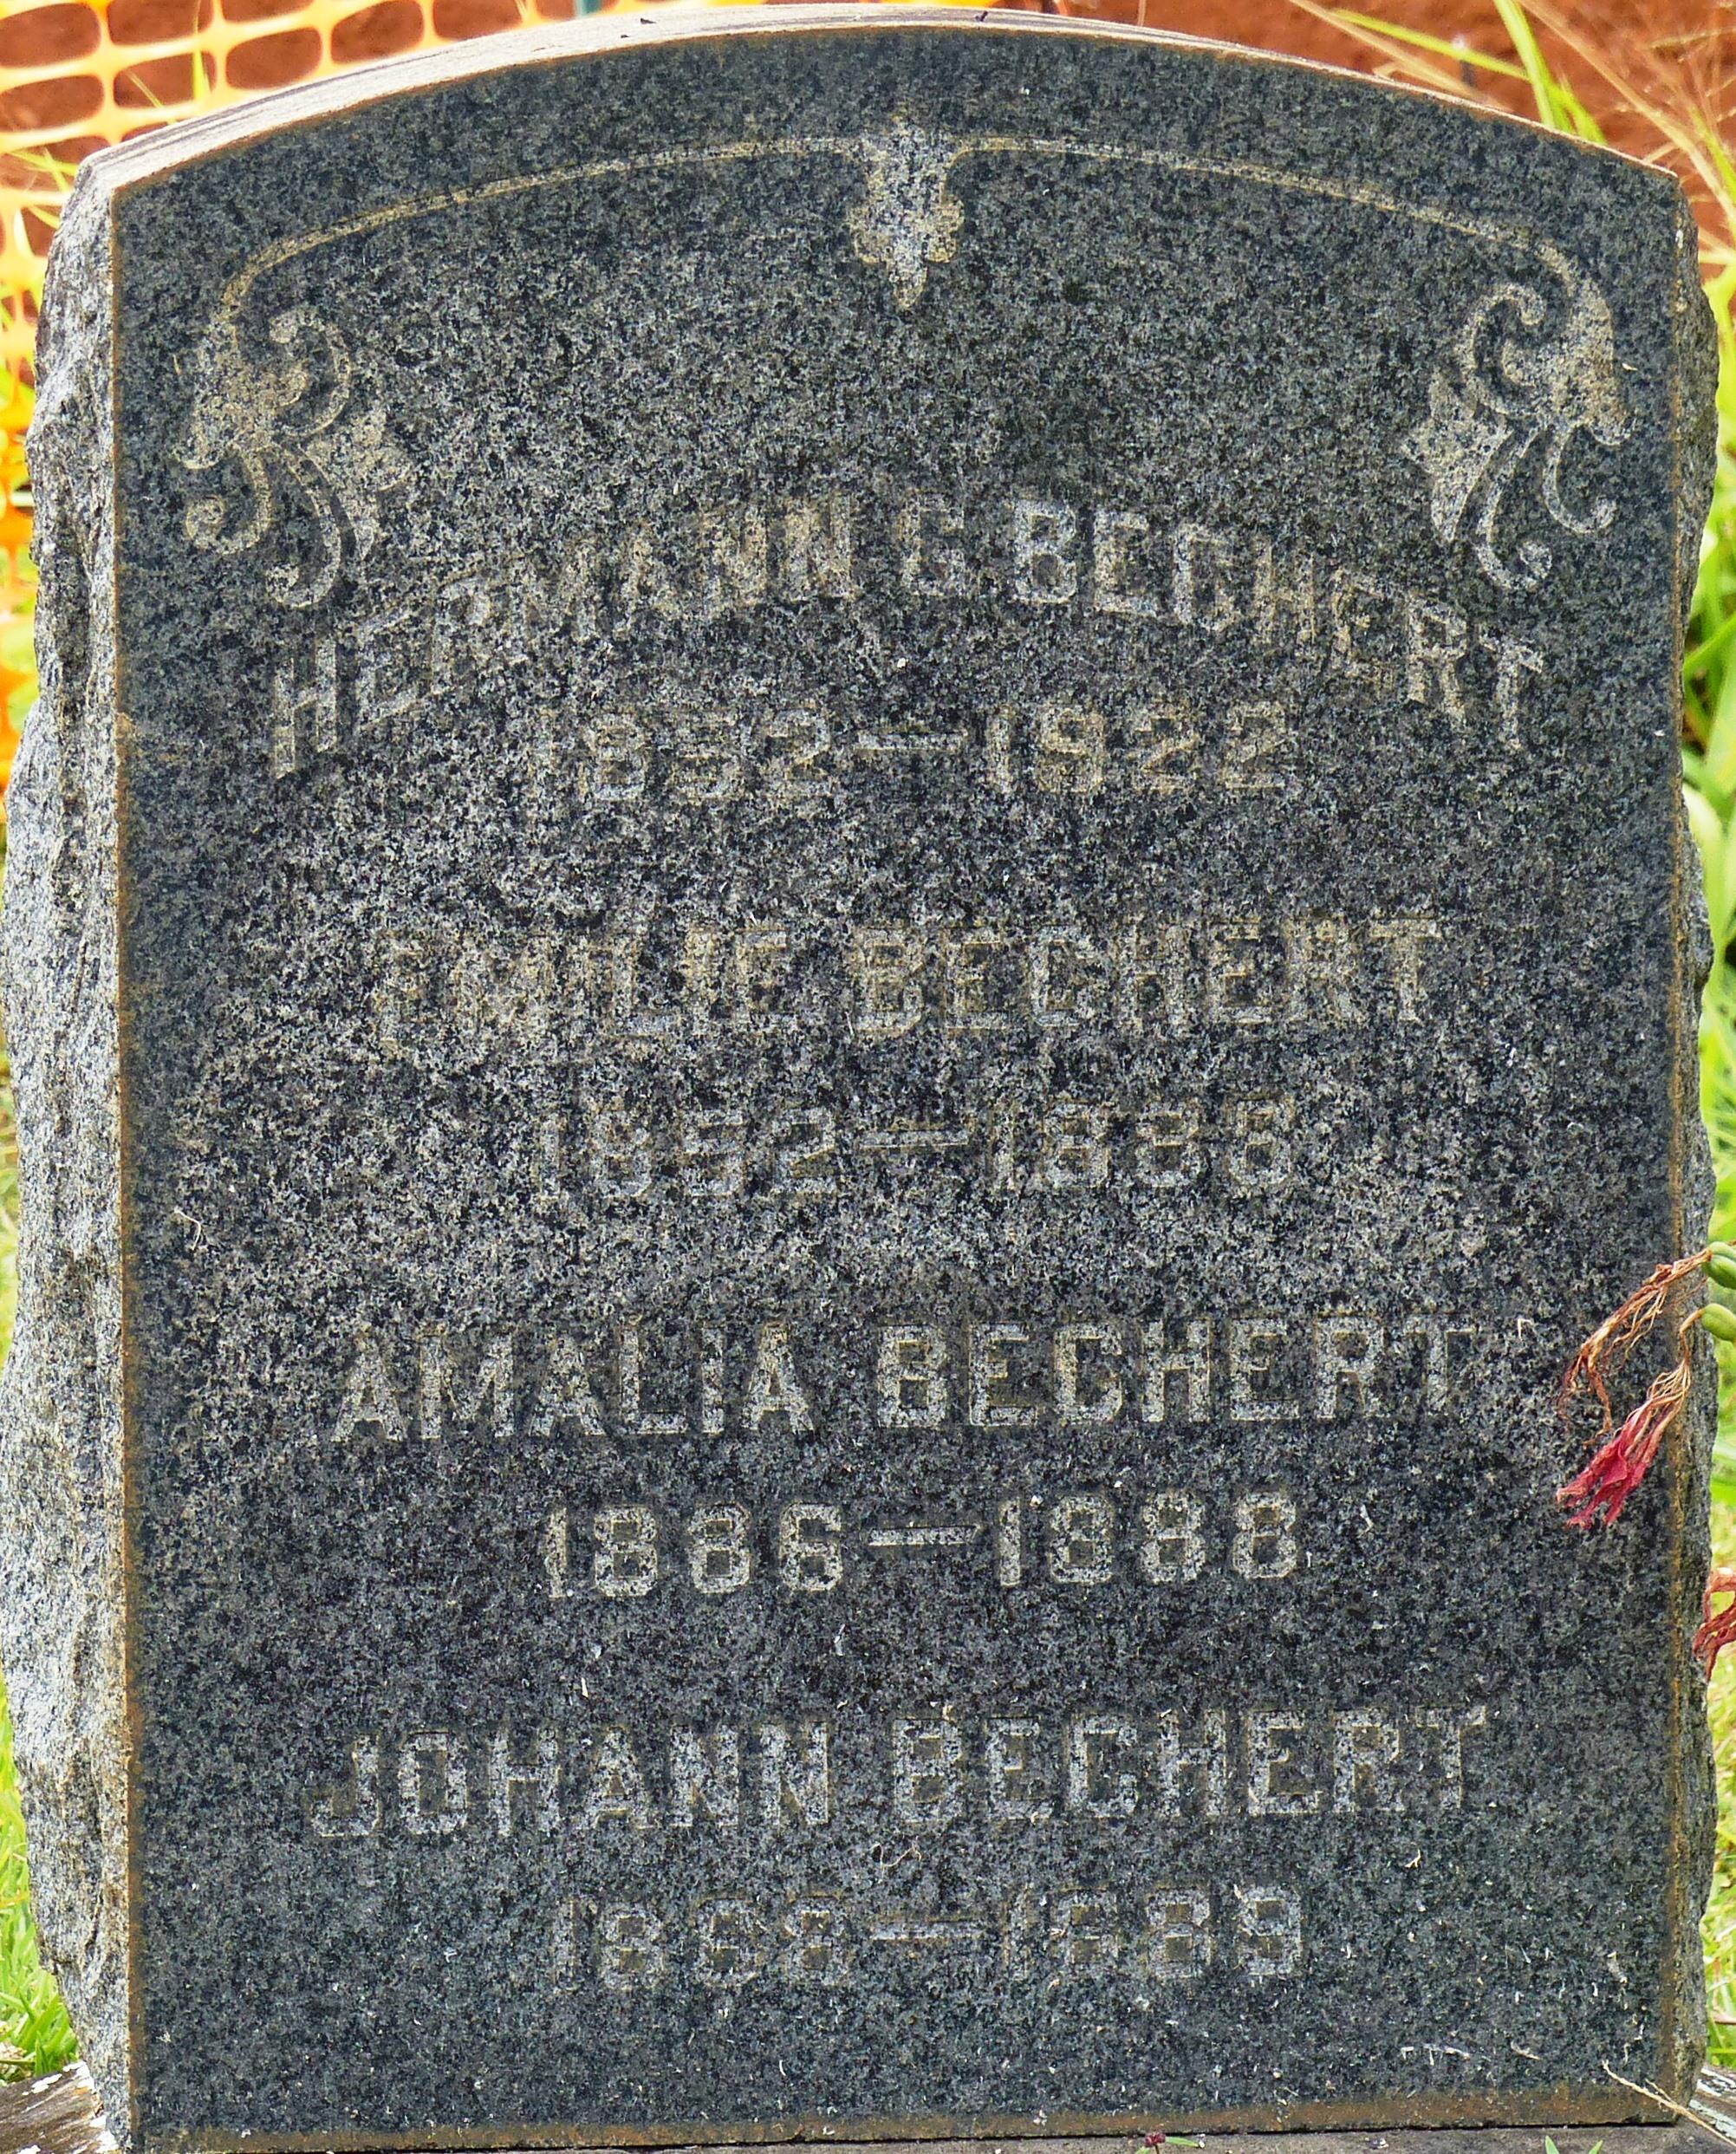 Johann Carl Bechert